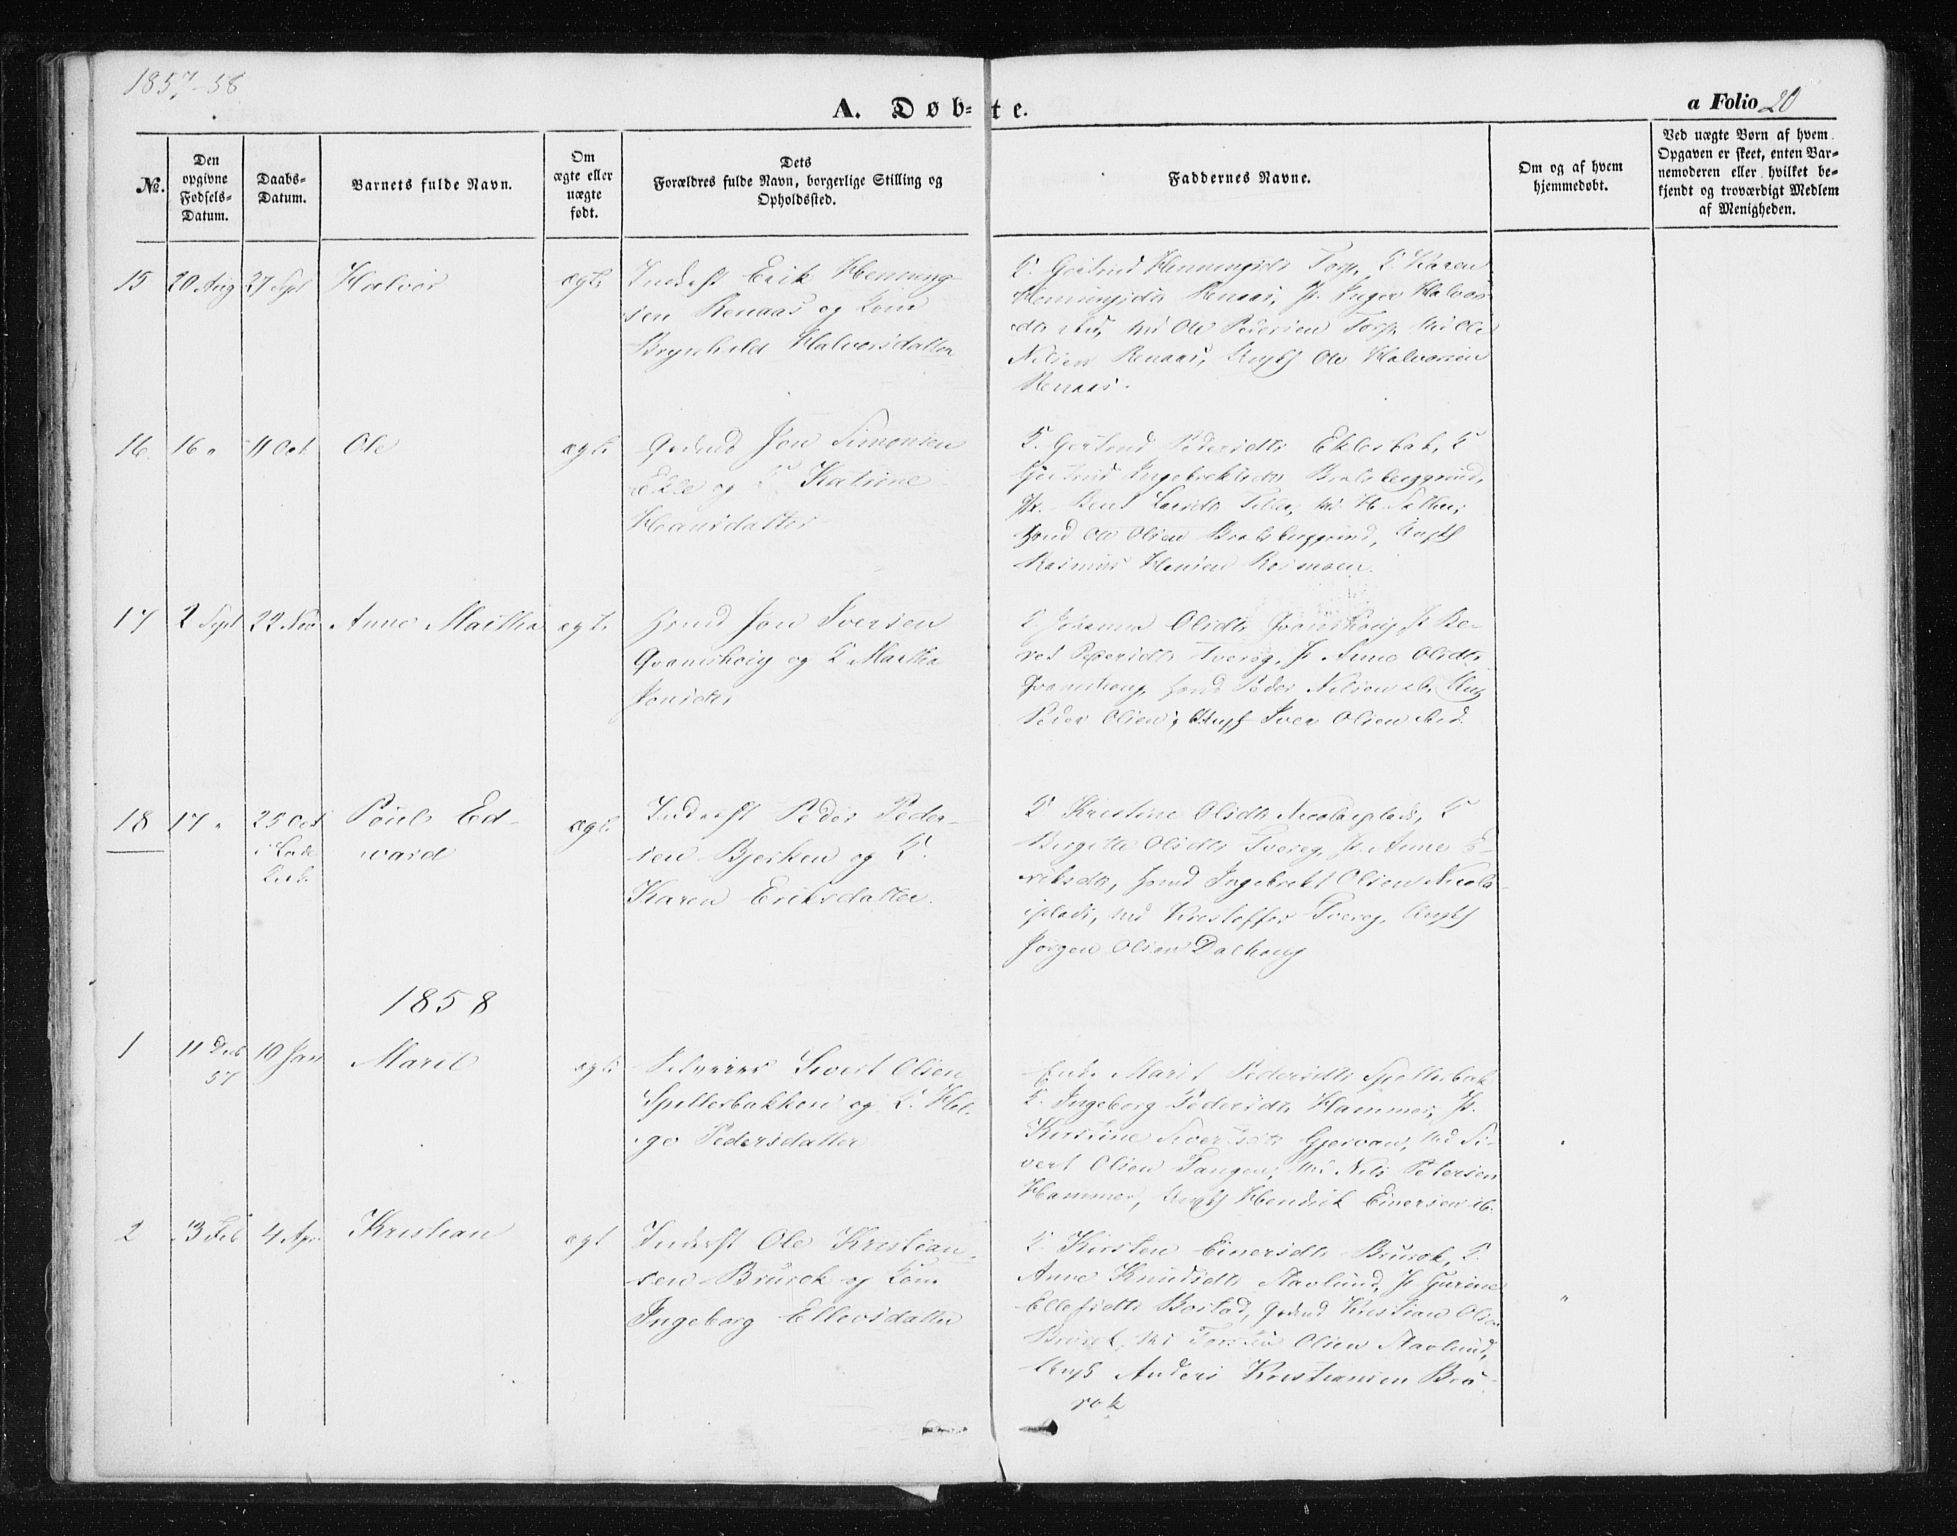 SAT, Ministerialprotokoller, klokkerbøker og fødselsregistre - Sør-Trøndelag, 608/L0332: Ministerialbok nr. 608A01, 1848-1861, s. 20